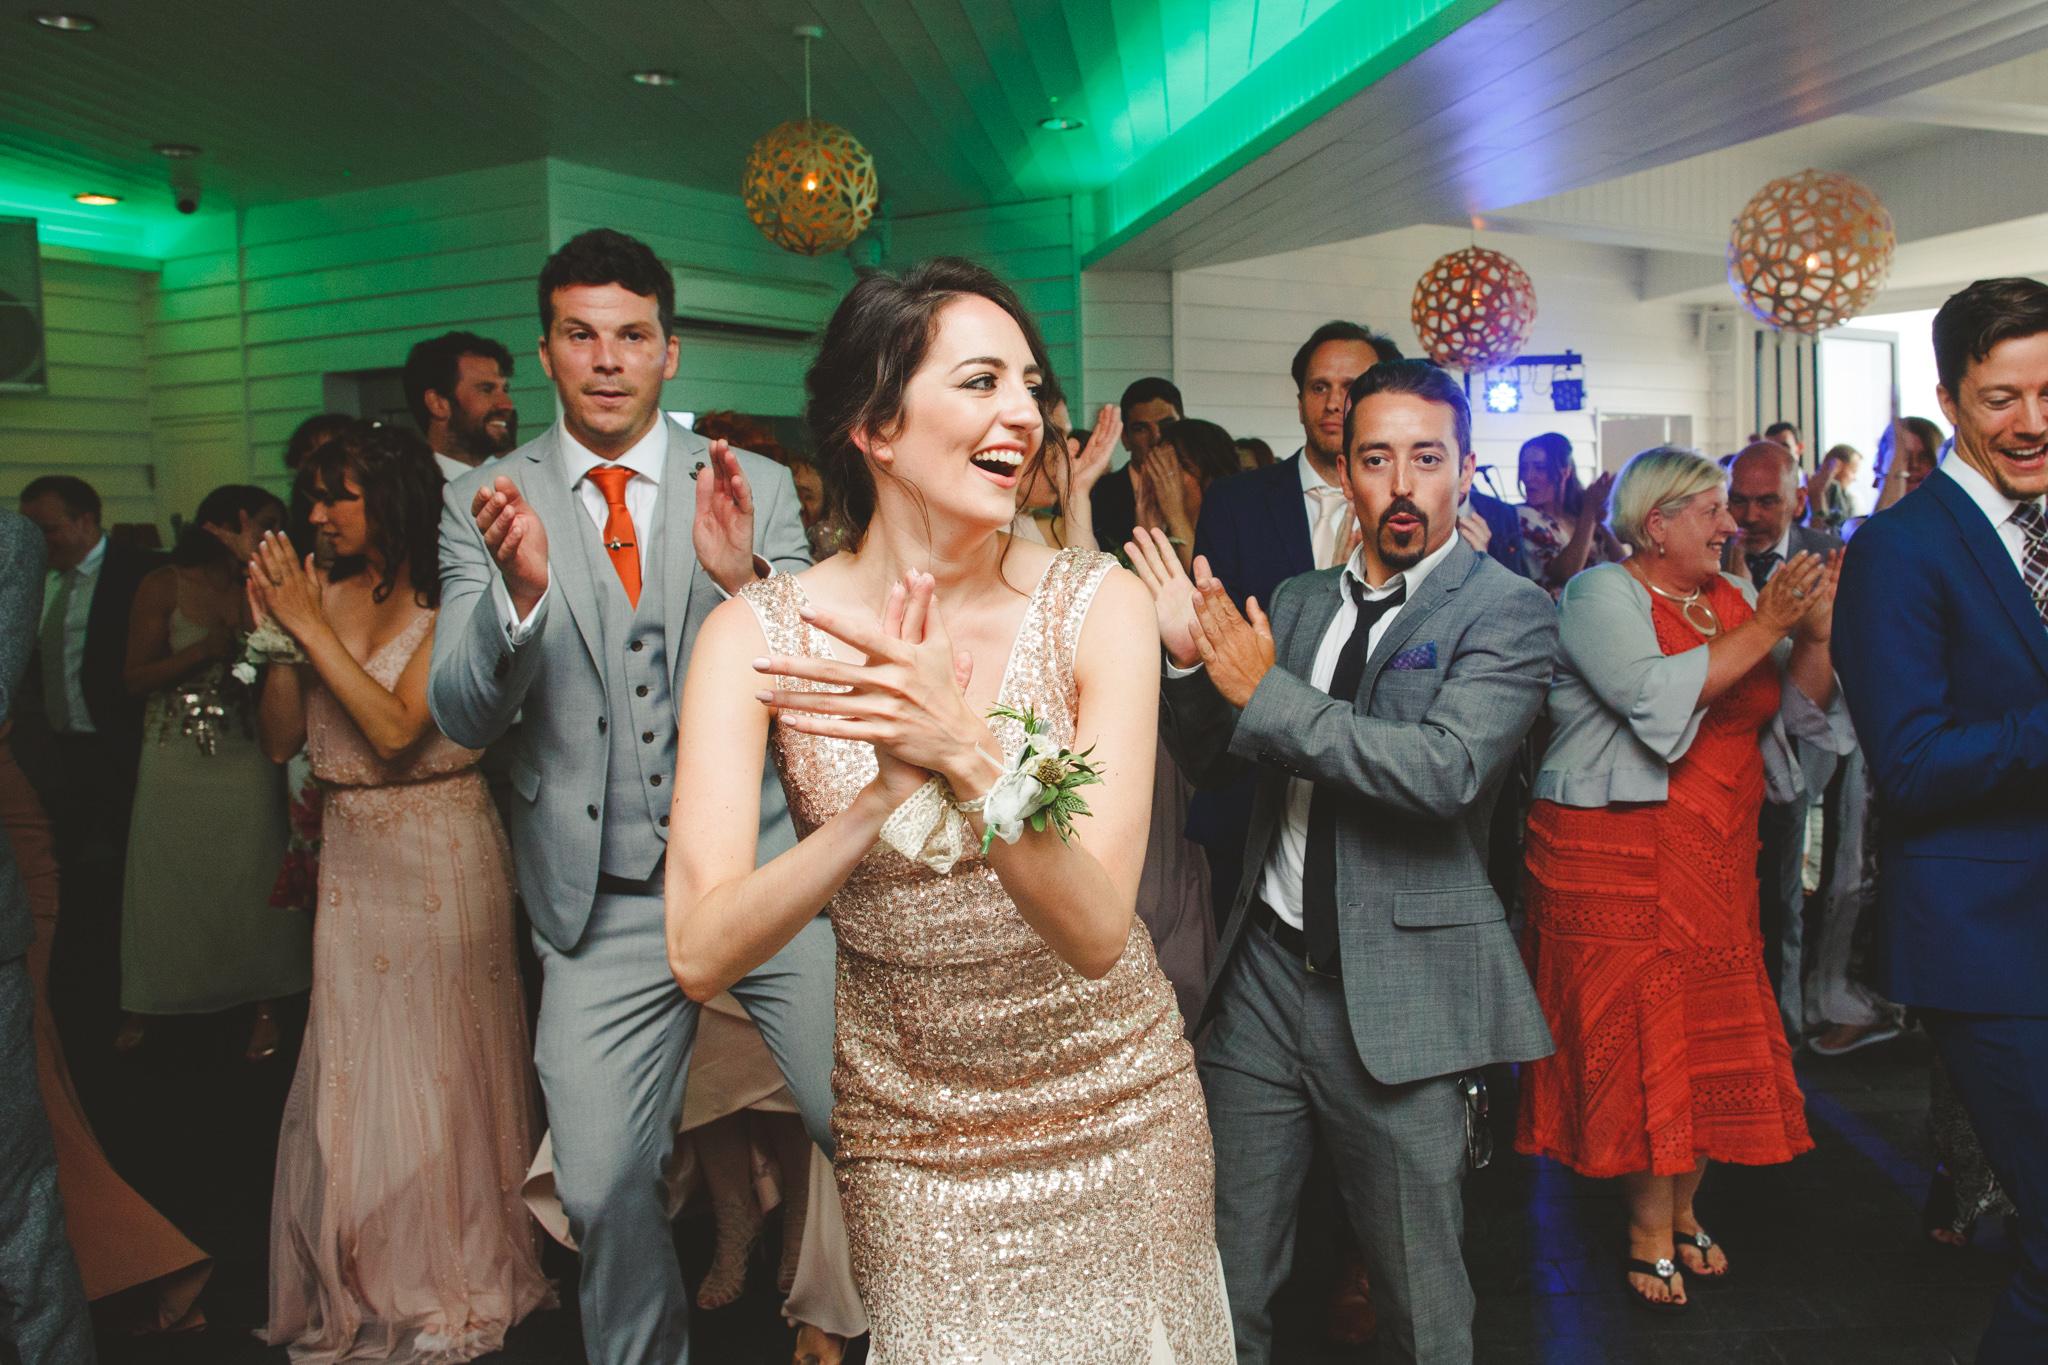 tunnels-beaches-devon-wedding-photography-51.jpg